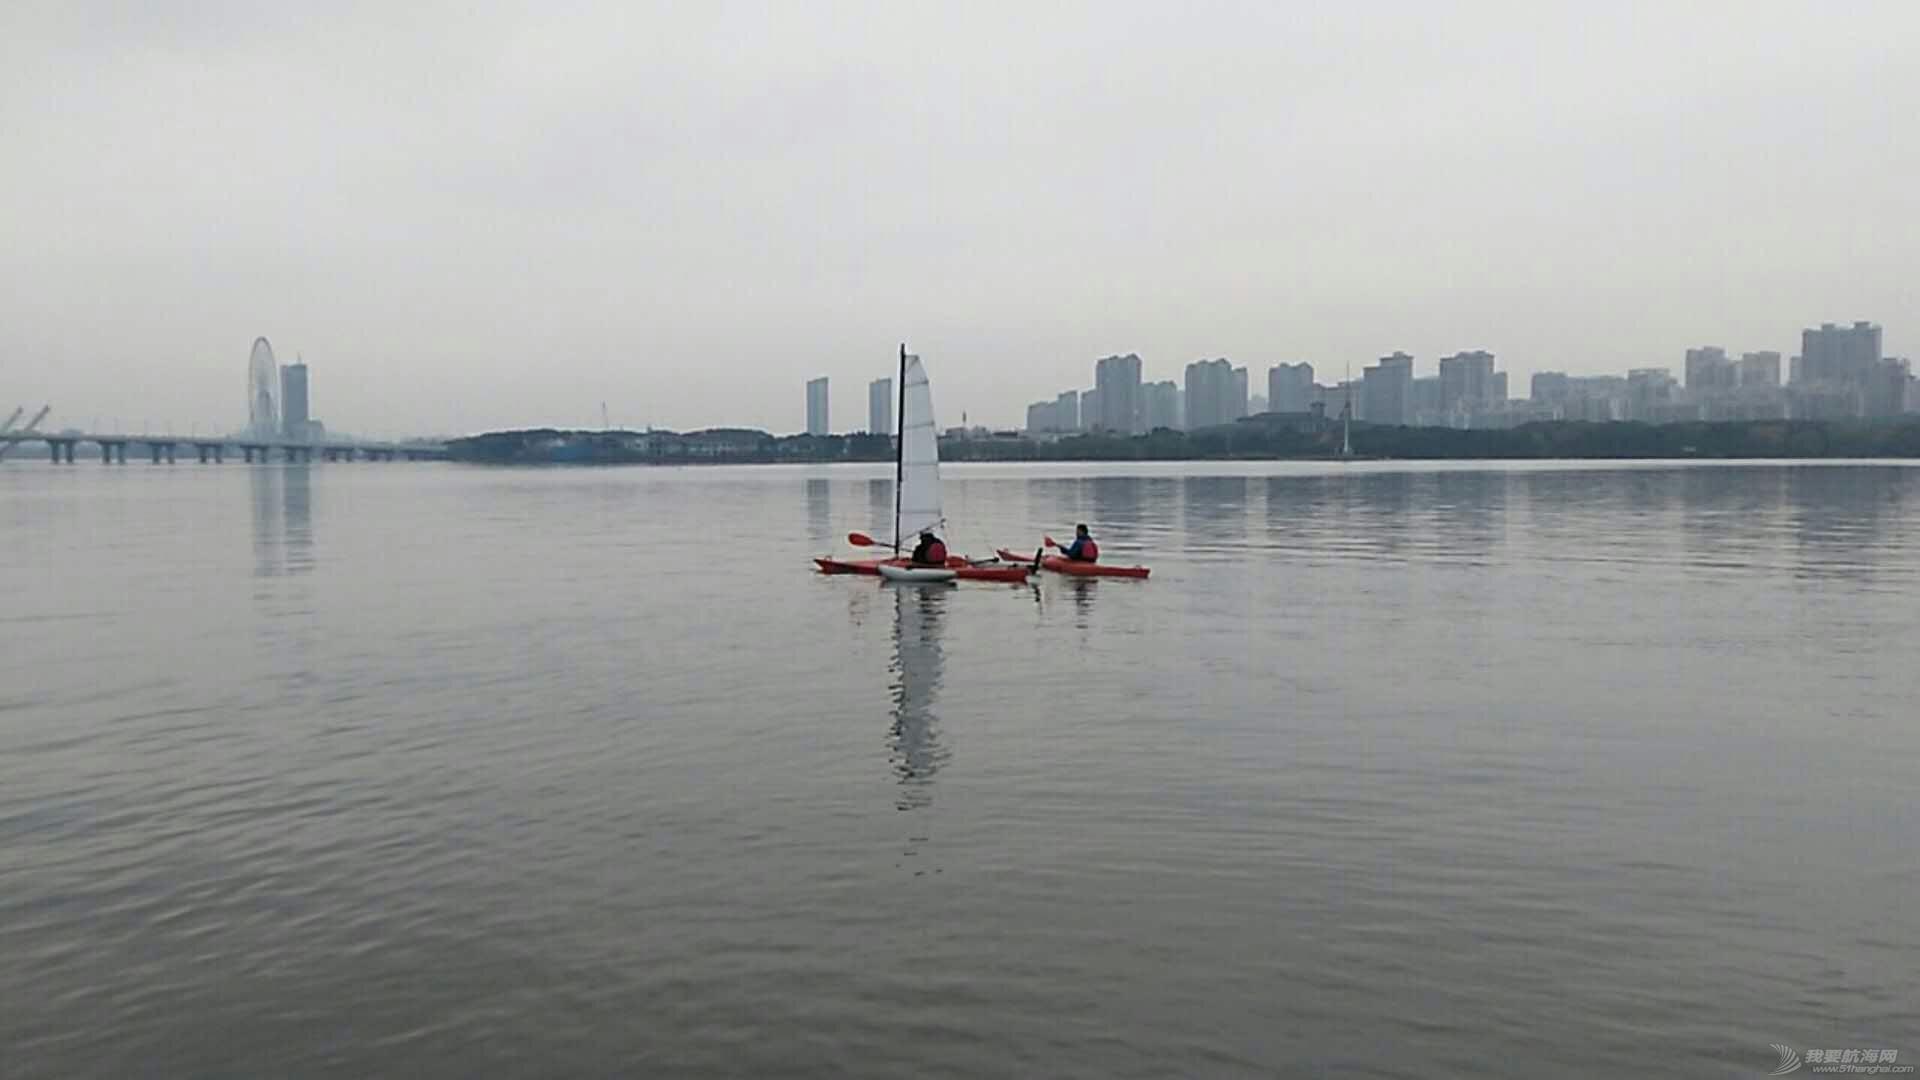 梦想,帆布,加上,一条,利用 DIY 皮艇帆  125955b6jyttirwtzft0jt